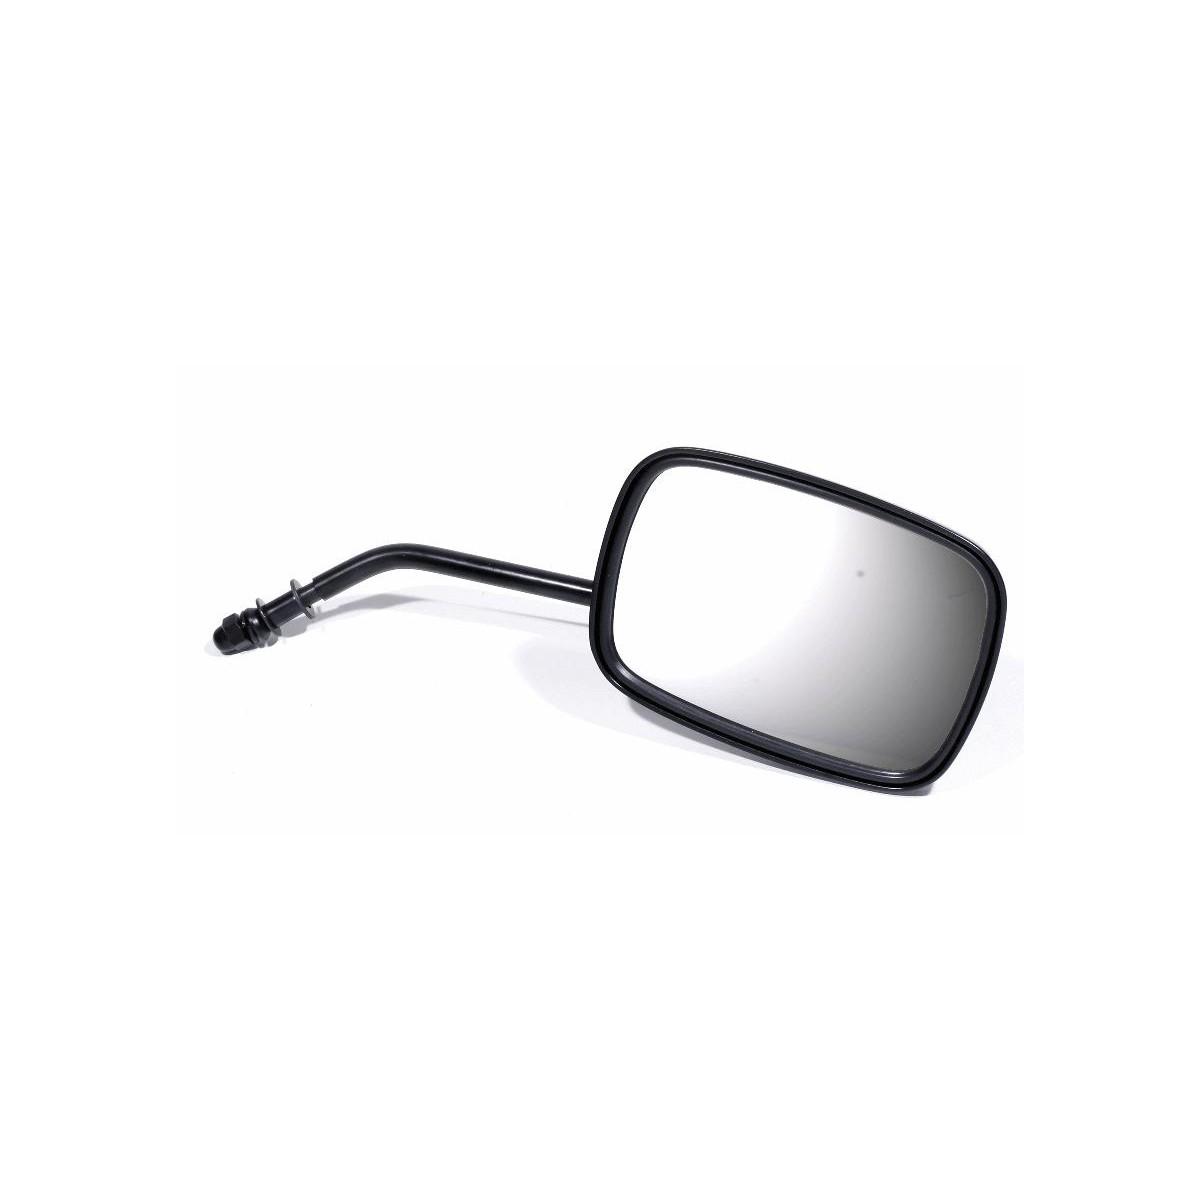 Spiegel rectangle harley davidson zubeh r schwarz lang for Spiegel lang